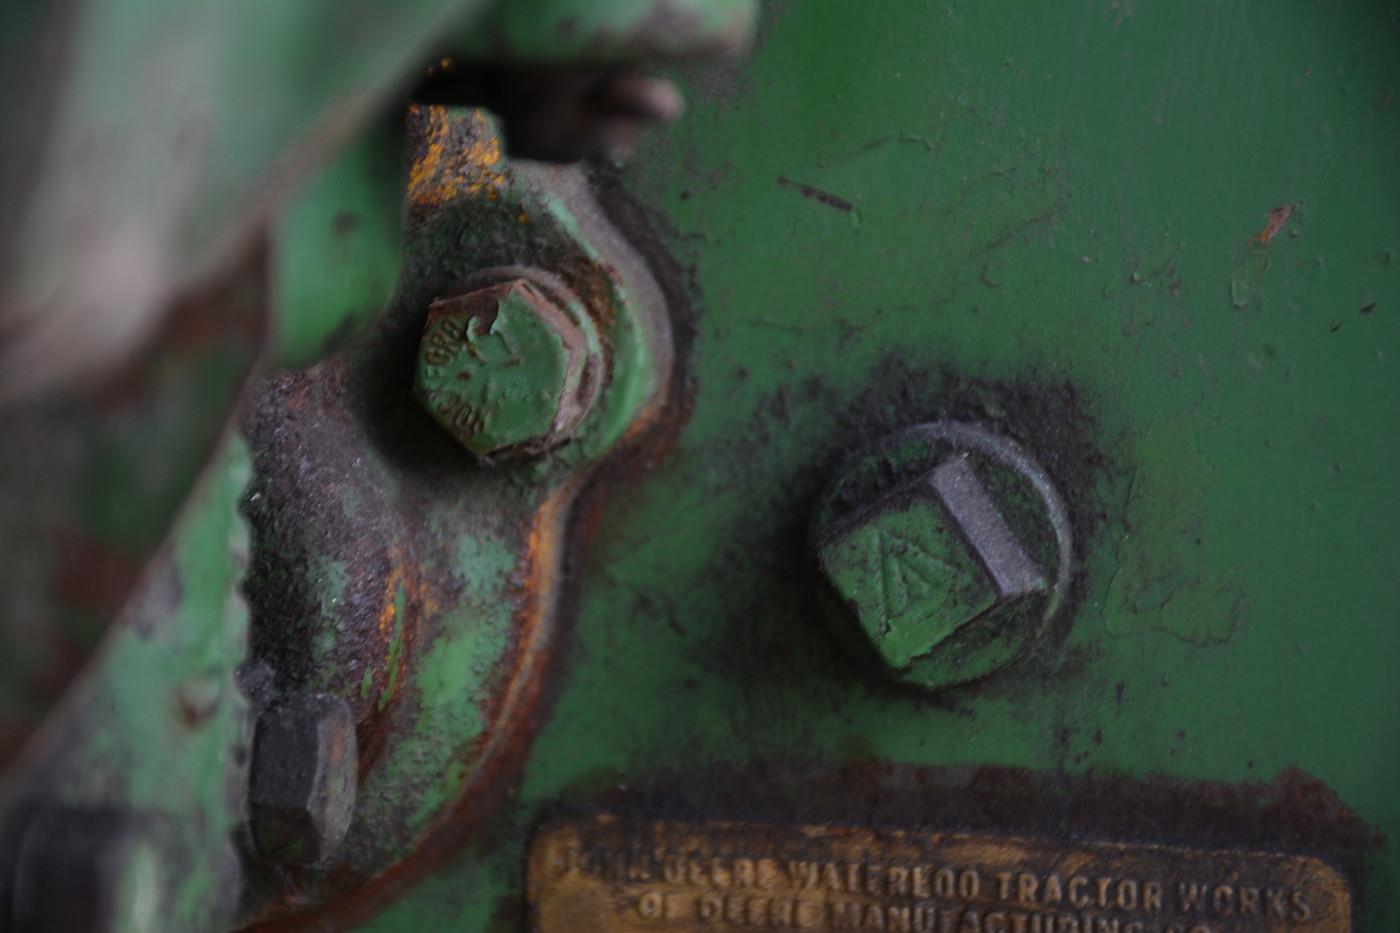 DSC 8843